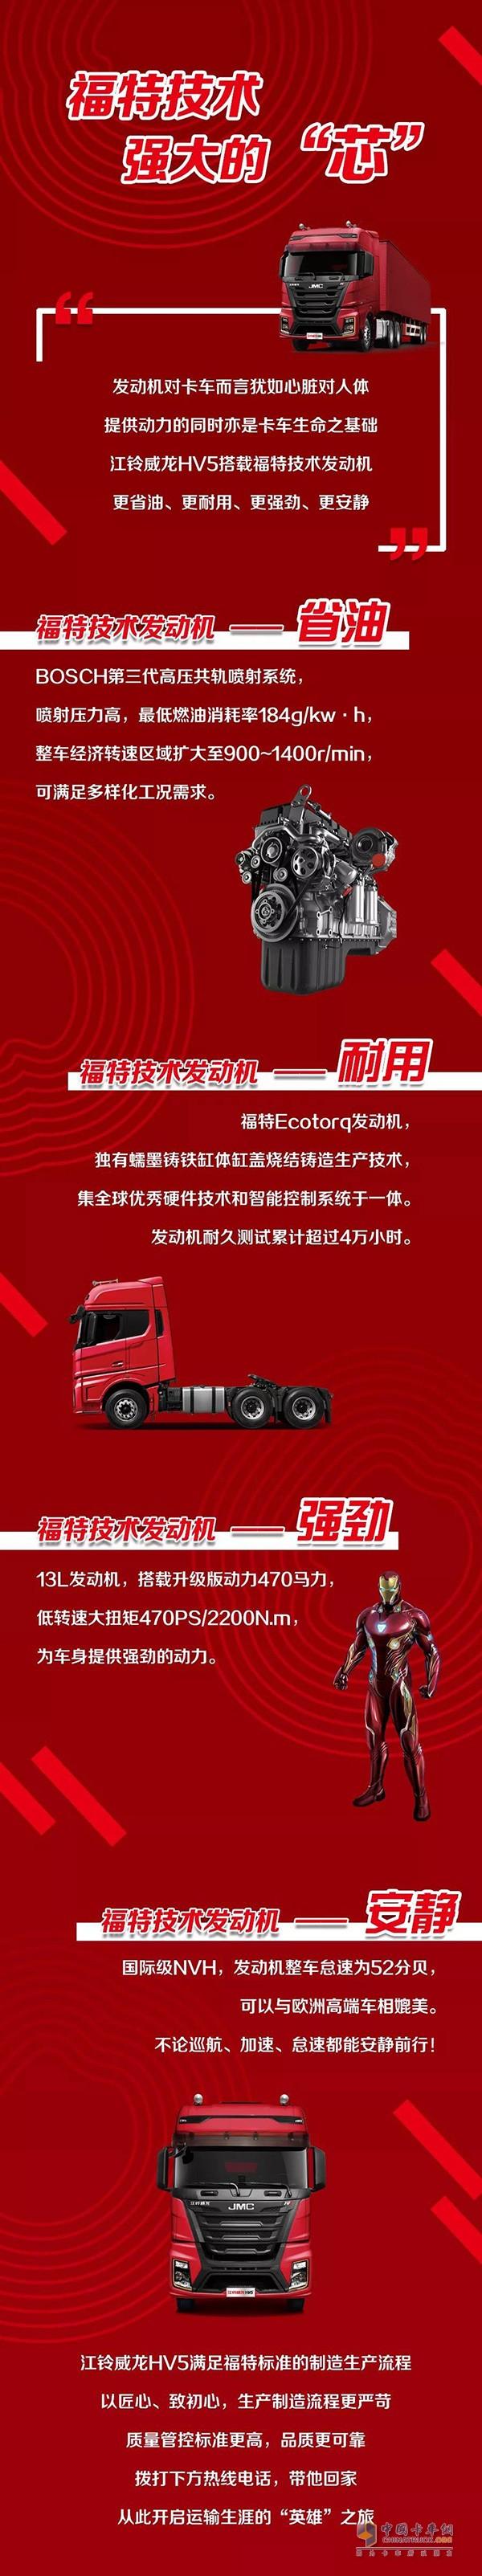 江铃威龙HV5搭载福特技术发动机